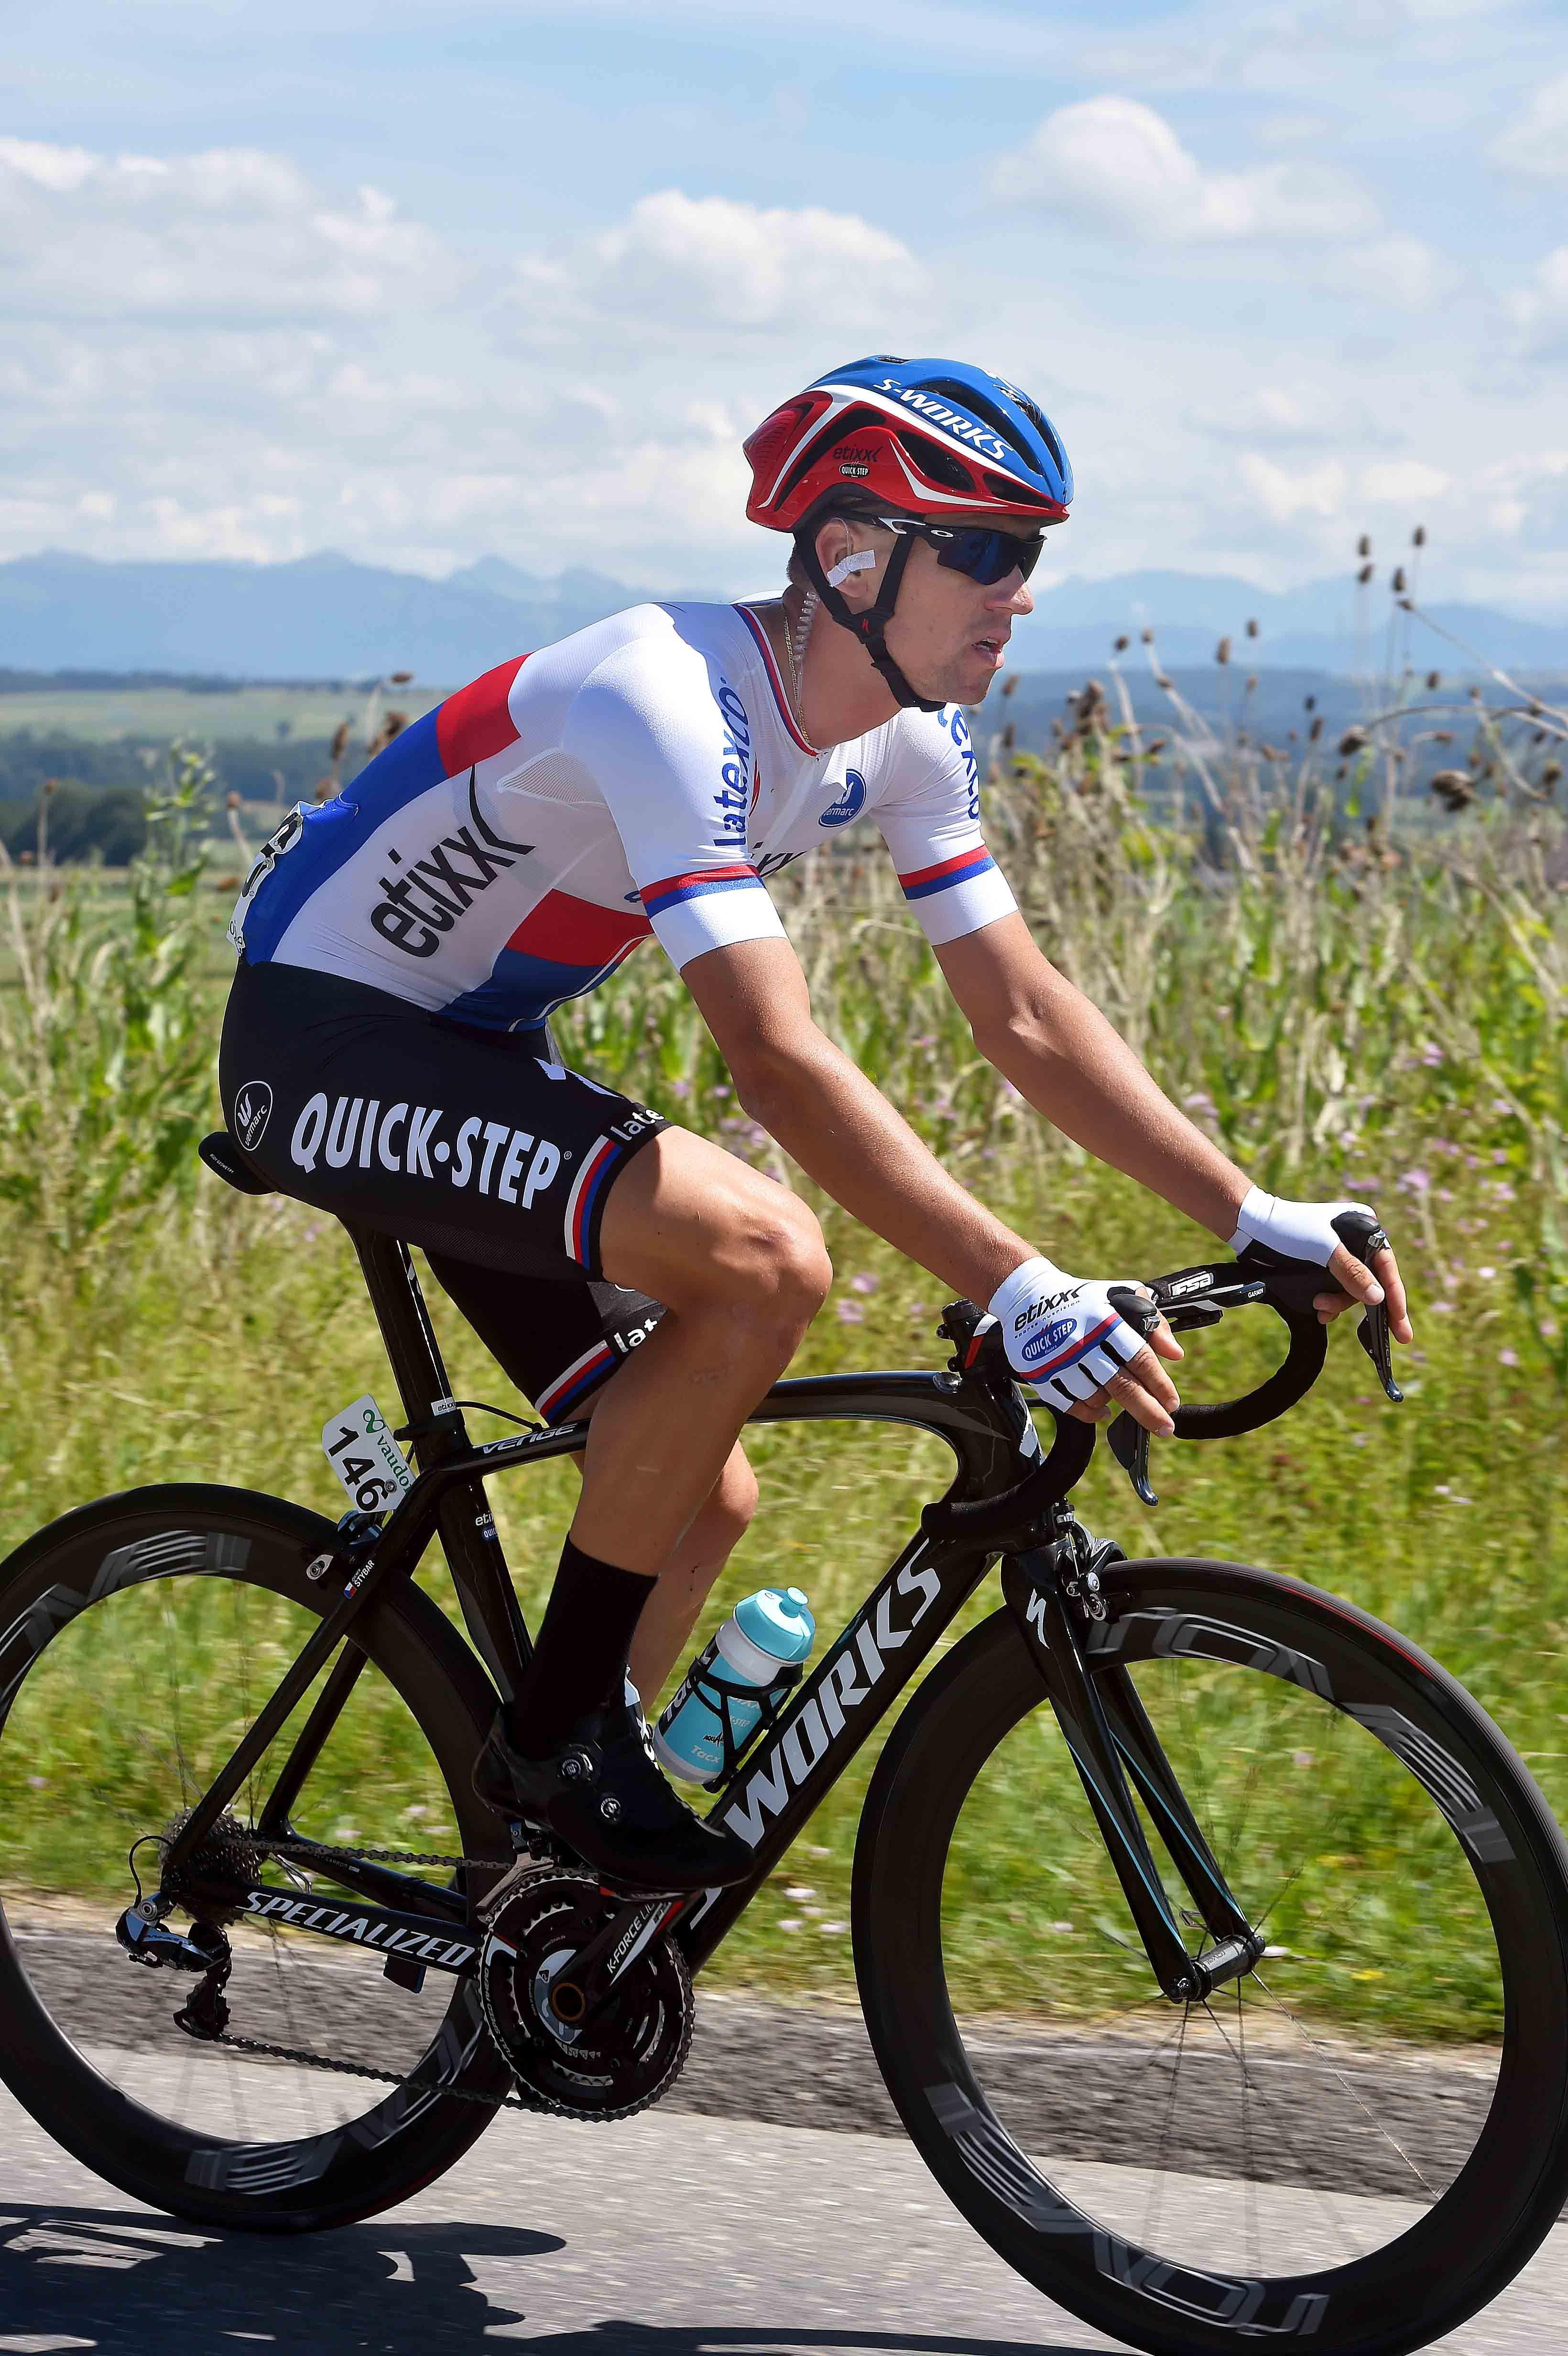 Tour De Suisse Stage 7 19 June 2015 Stybar Met Afbeeldingen